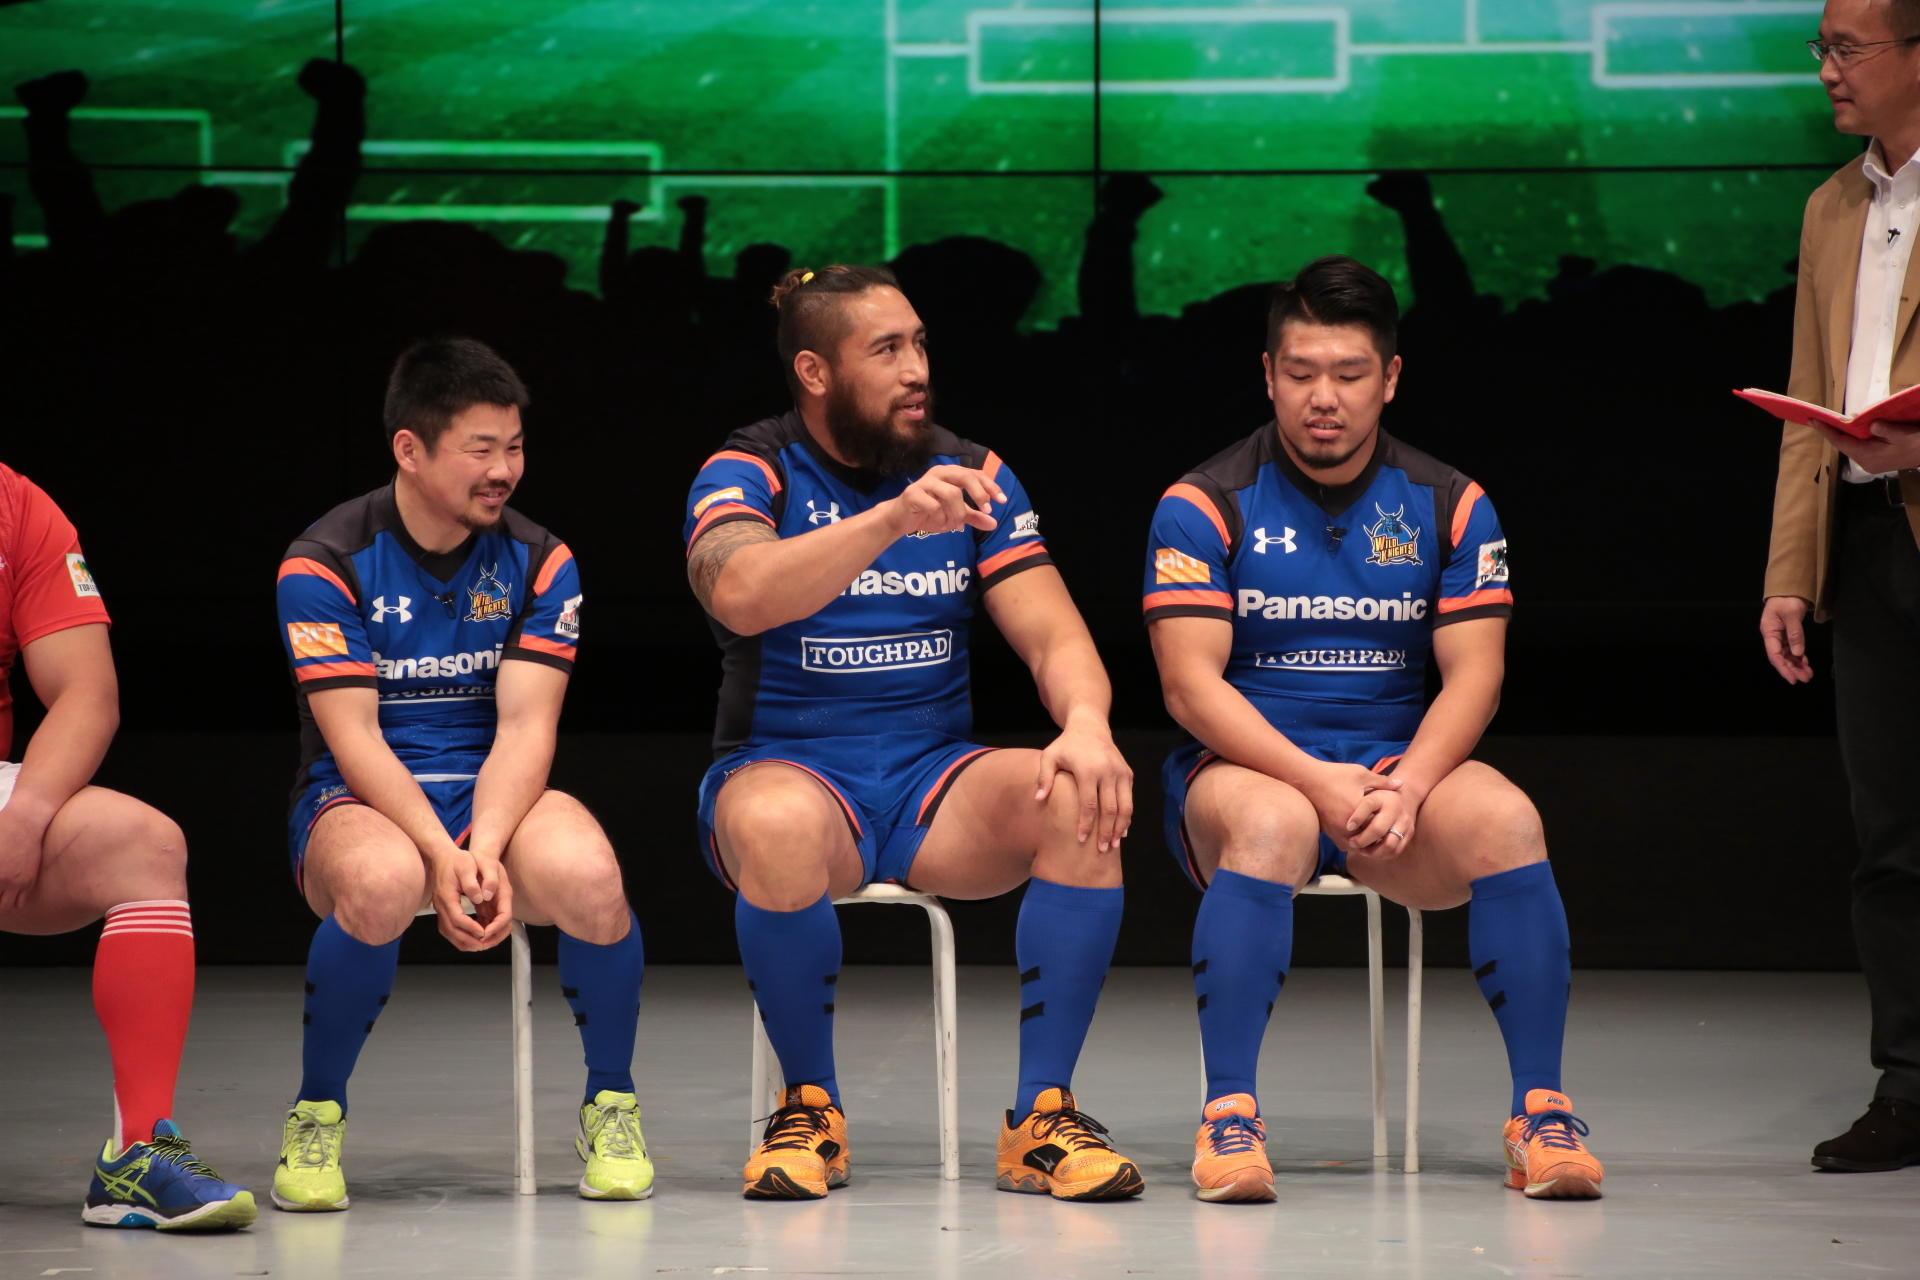 http://news.yoshimoto.co.jp/20160118174717-0423f49f96a79cb5a4f7c6425a773e3397f48fb6.jpg